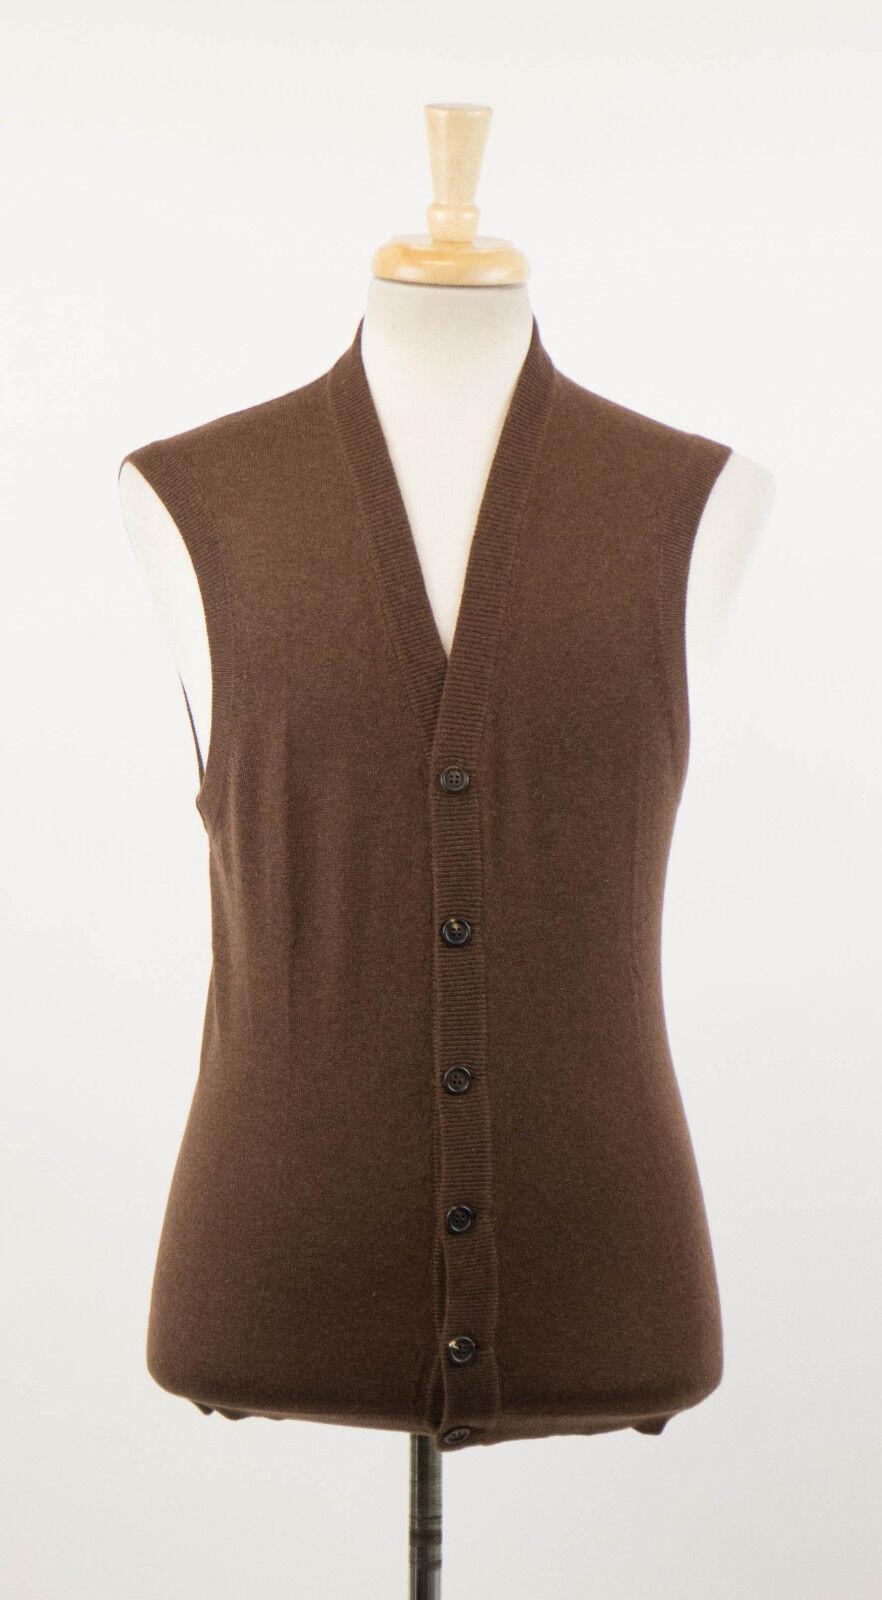 NWT BRUNELLO CUCINELLI Braun Cashmere Sleeveless Sweater Vest 54/44/XL 1220